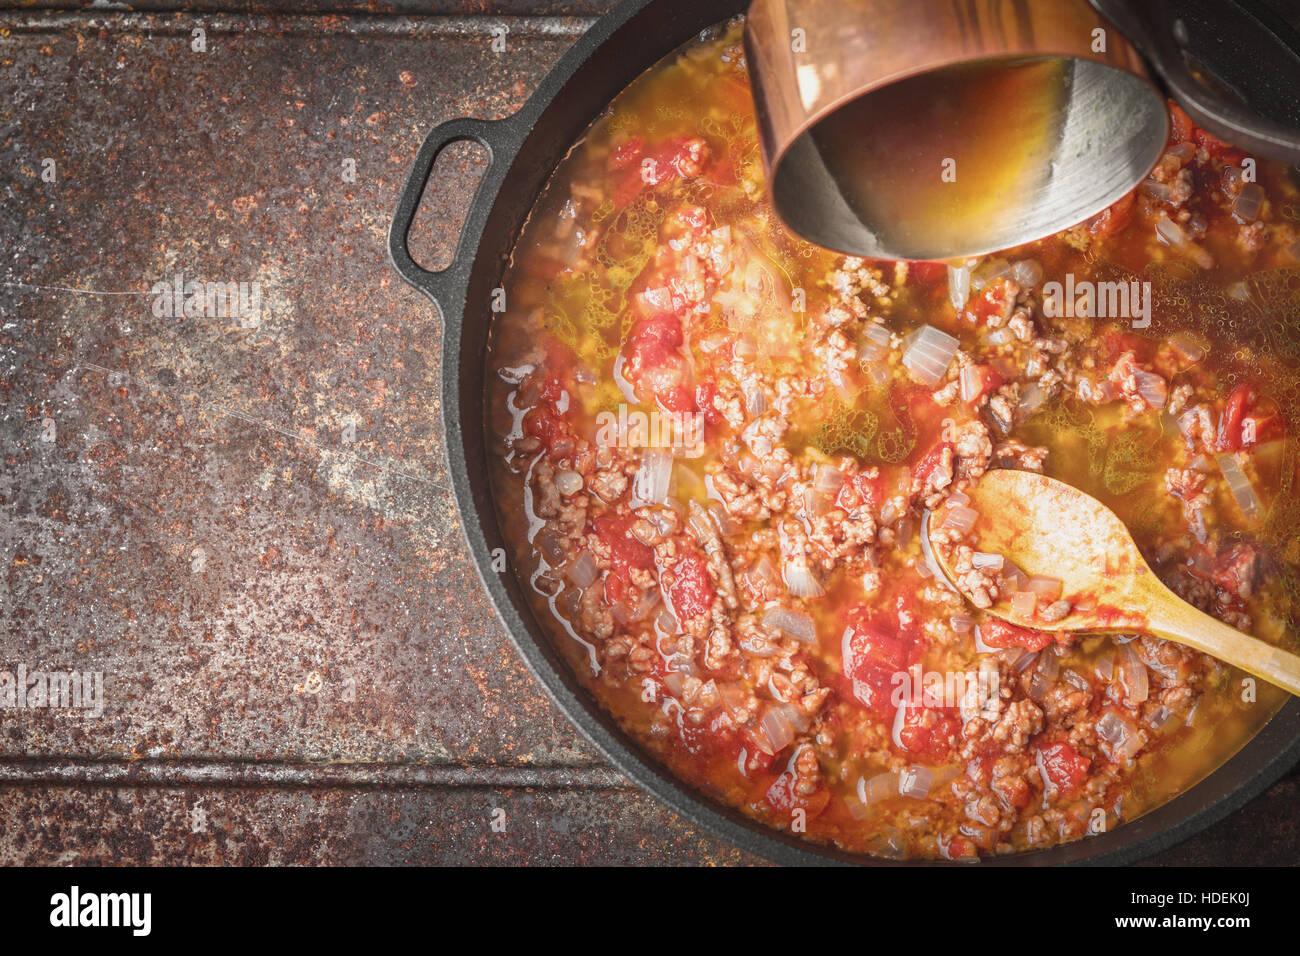 Schmoren von Fleisch, Draufsicht Zwiebeln und Tomaten Stockbild